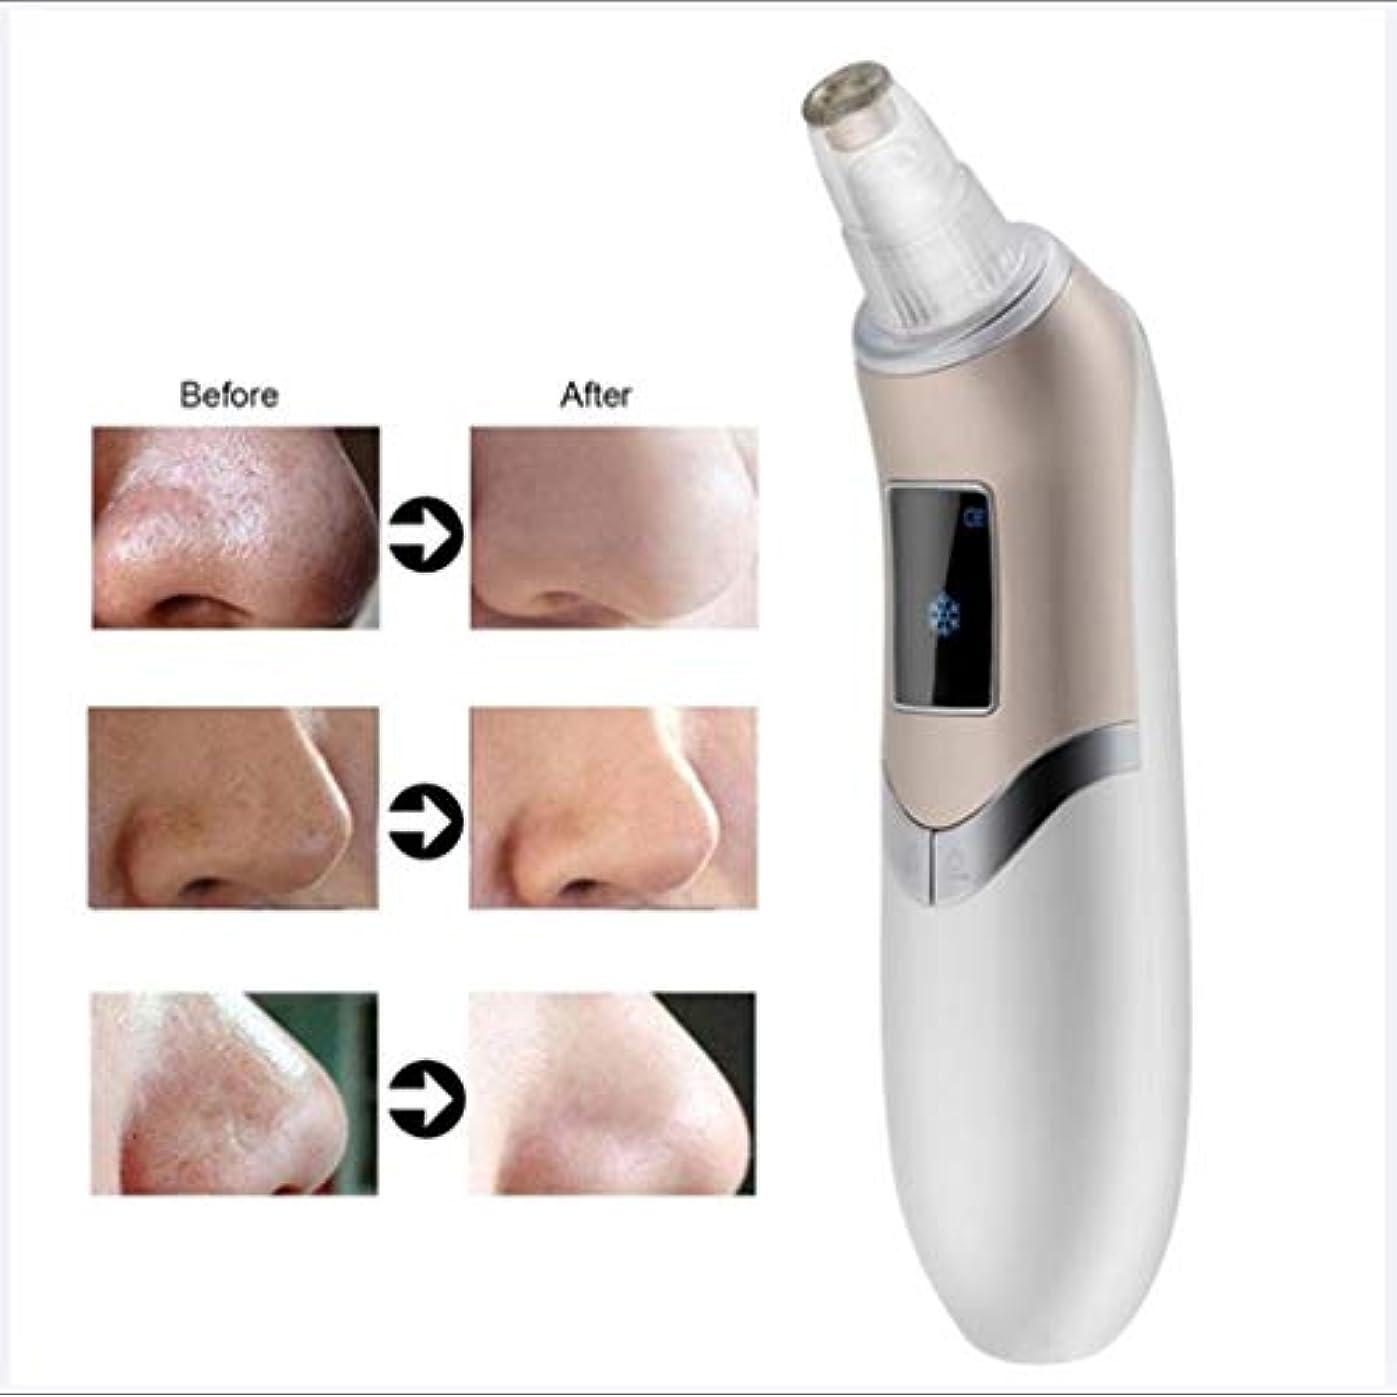 否認するレクリエーション生き返らせる洗顔料 - にきび掃除機 - 電気にきびマイクロダーマブレーション - 美容